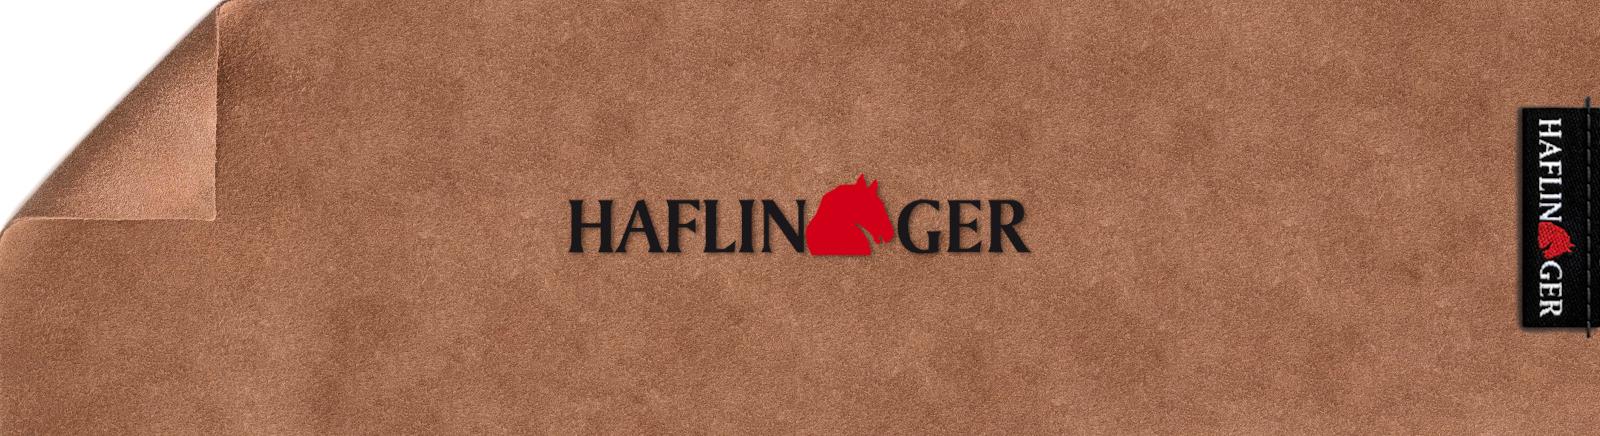 Haflinger Hausschuhe für Kinder im Online-Shop von GISY kaufen